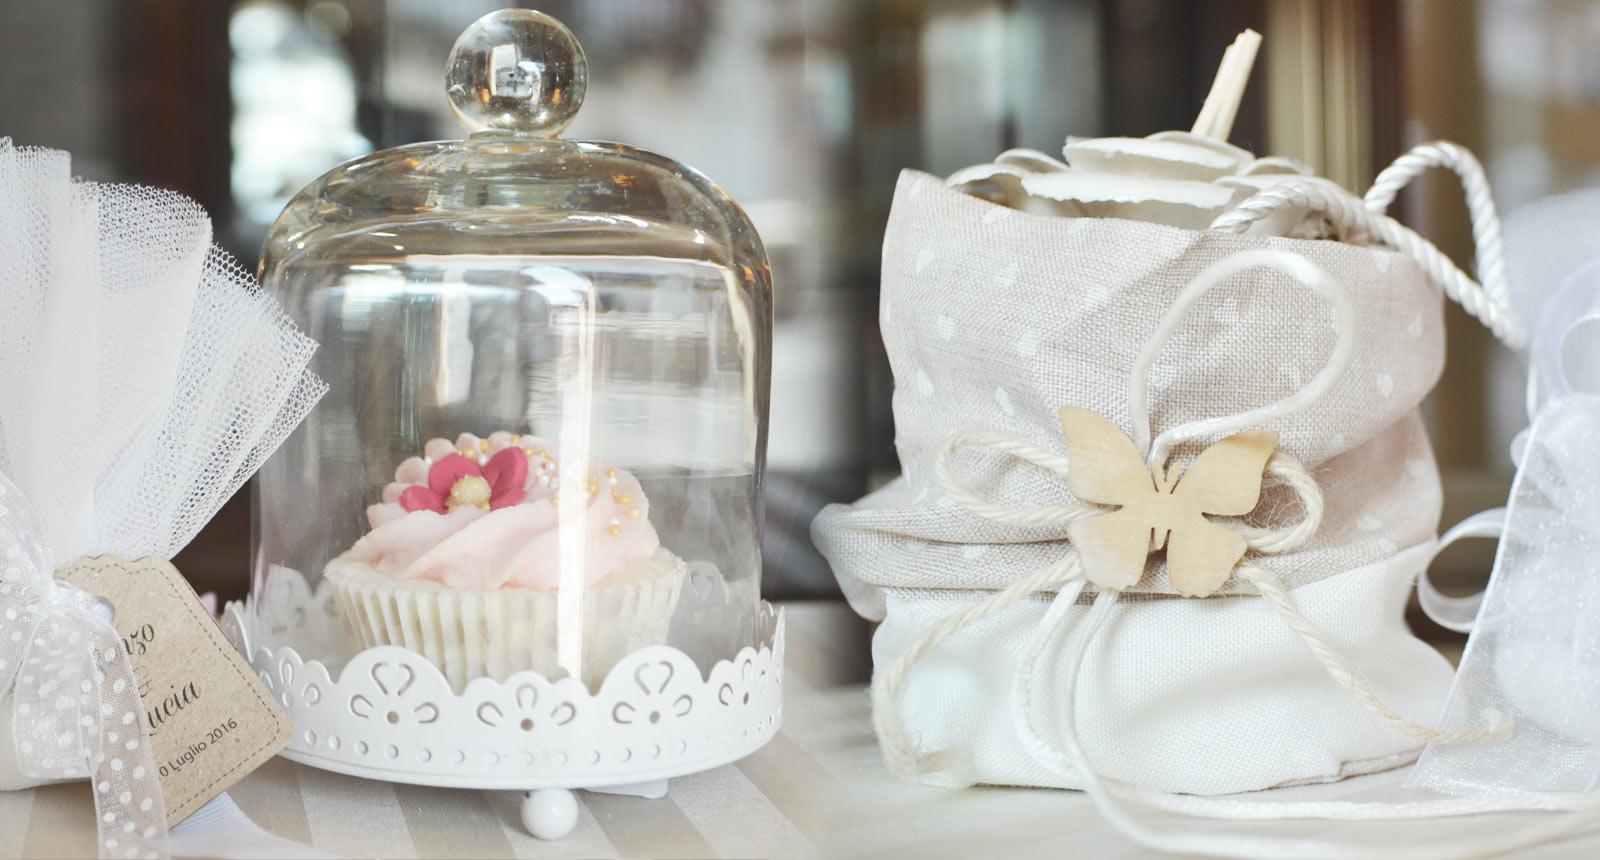 Matrimonio Tema Viaggio Segnaposto : Bomboniere matrimonio quali sono le ultime novità